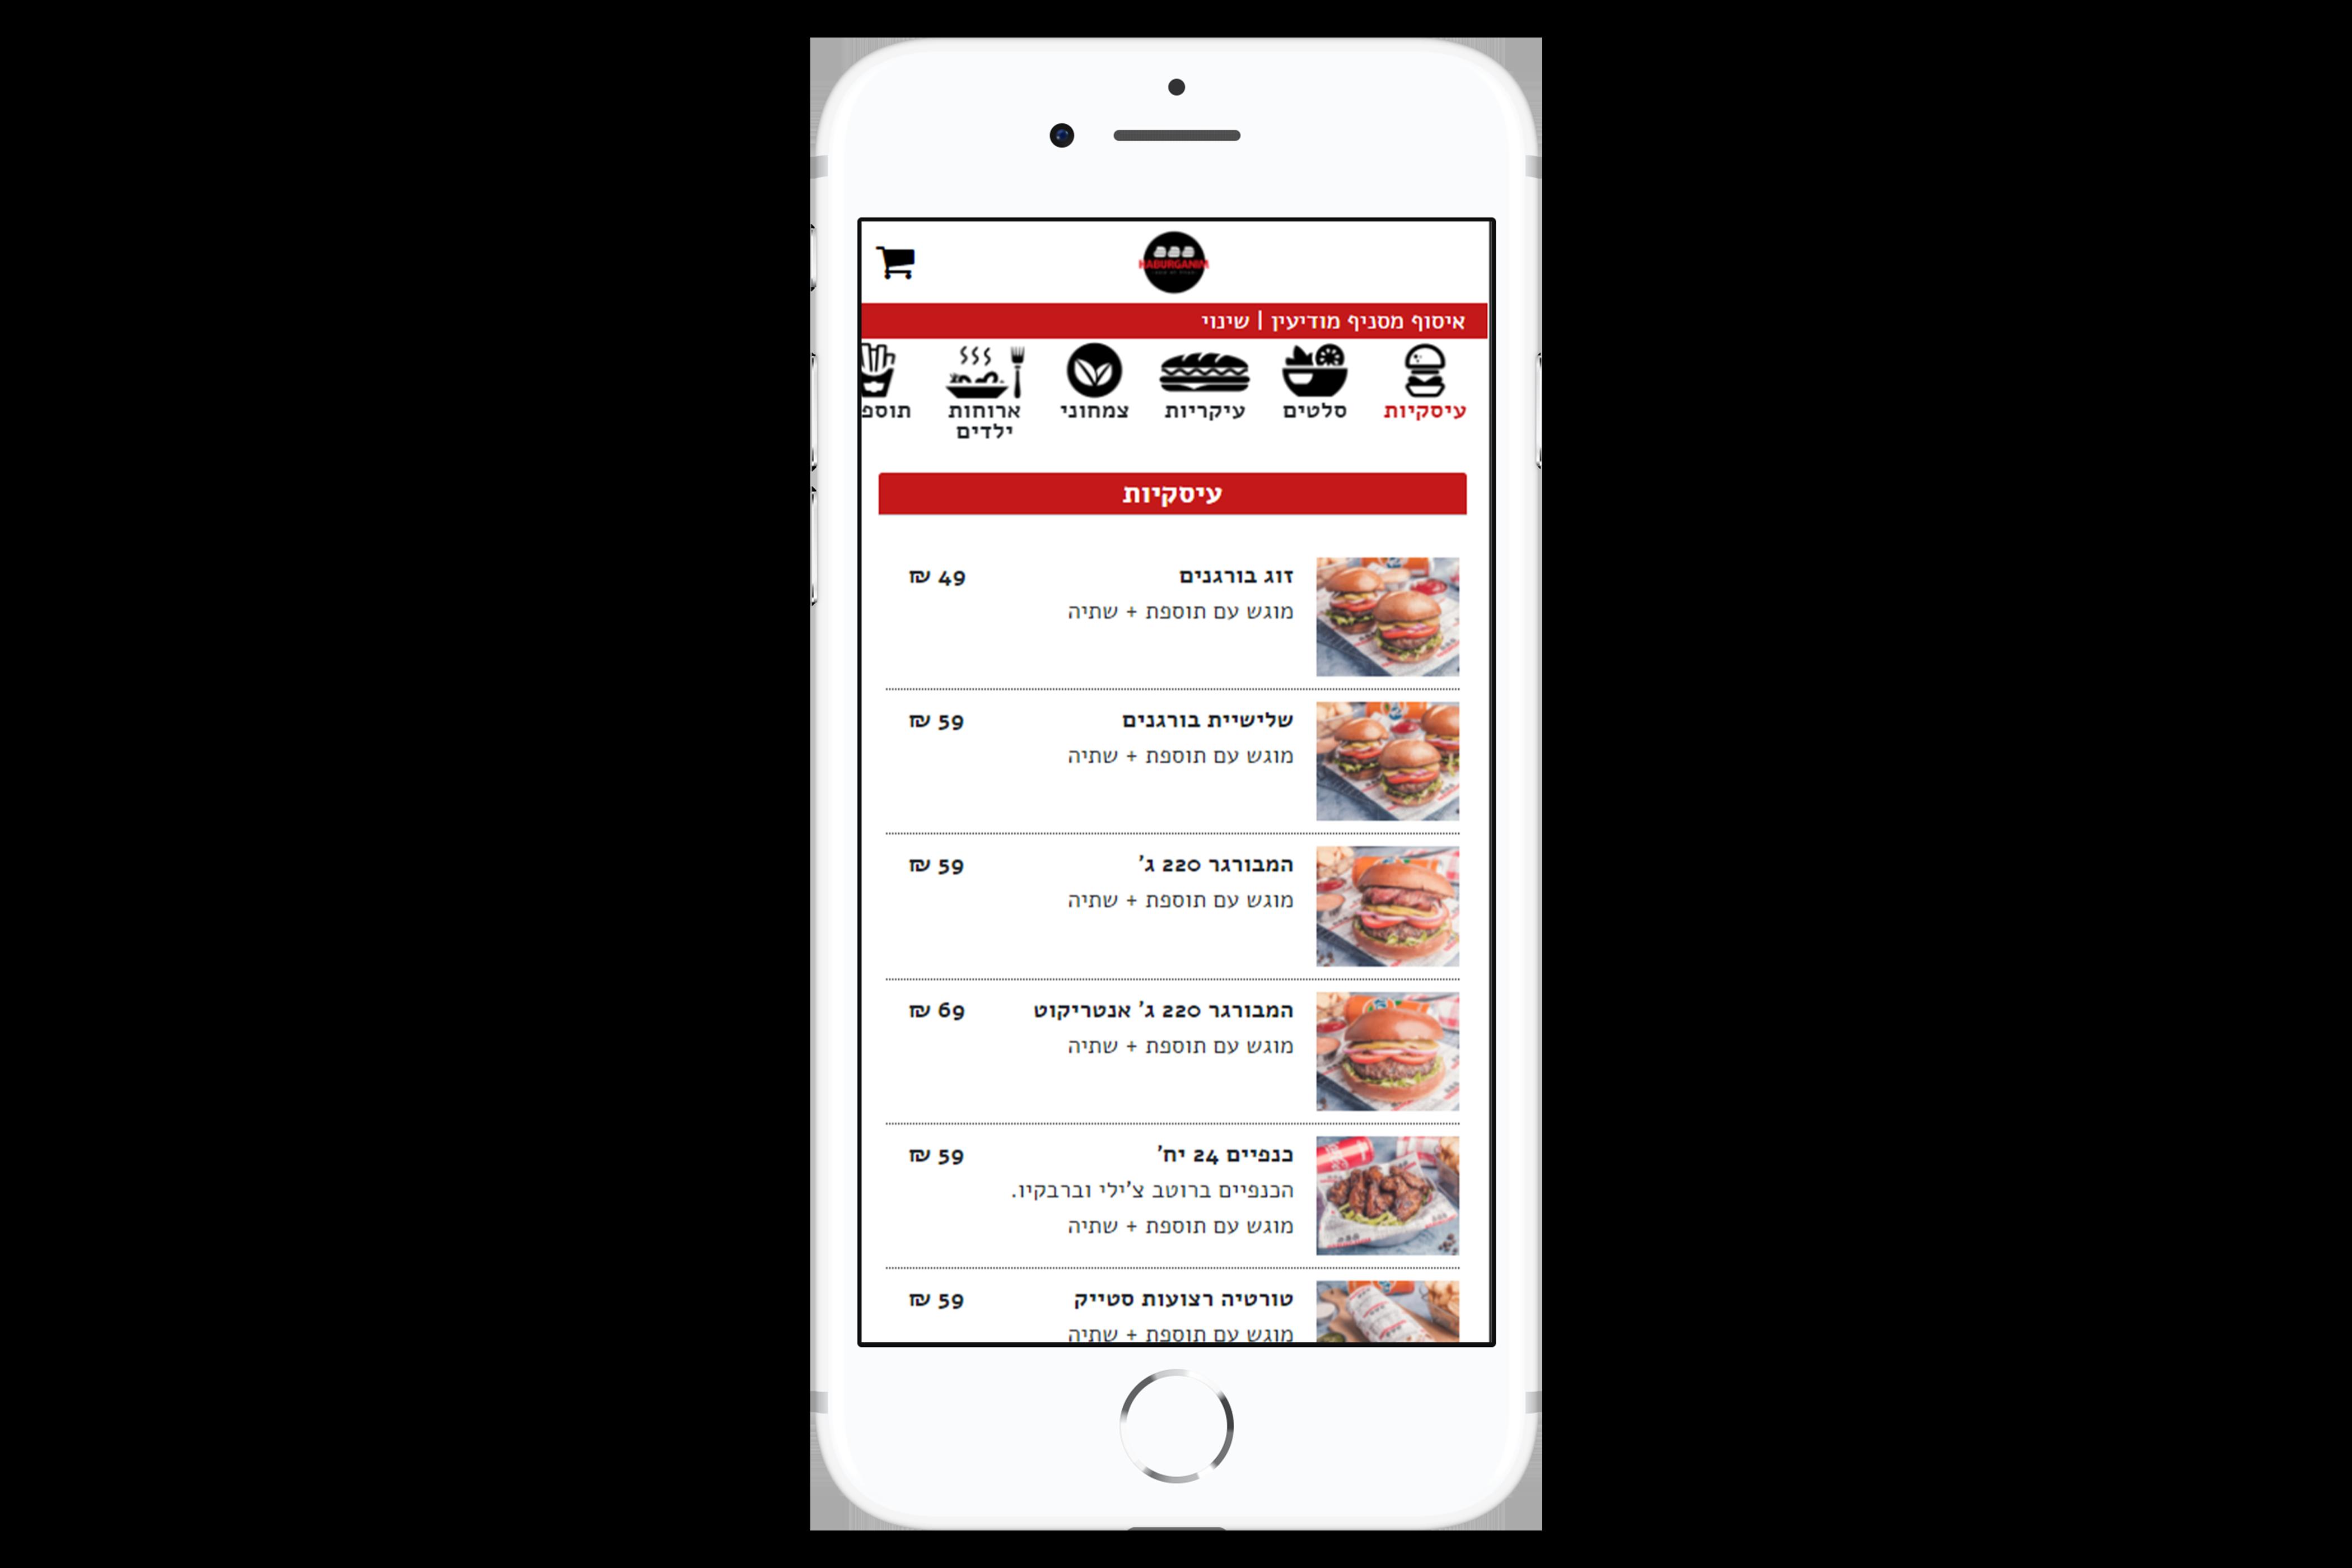 אפליקציית הזמנות הבורגנים